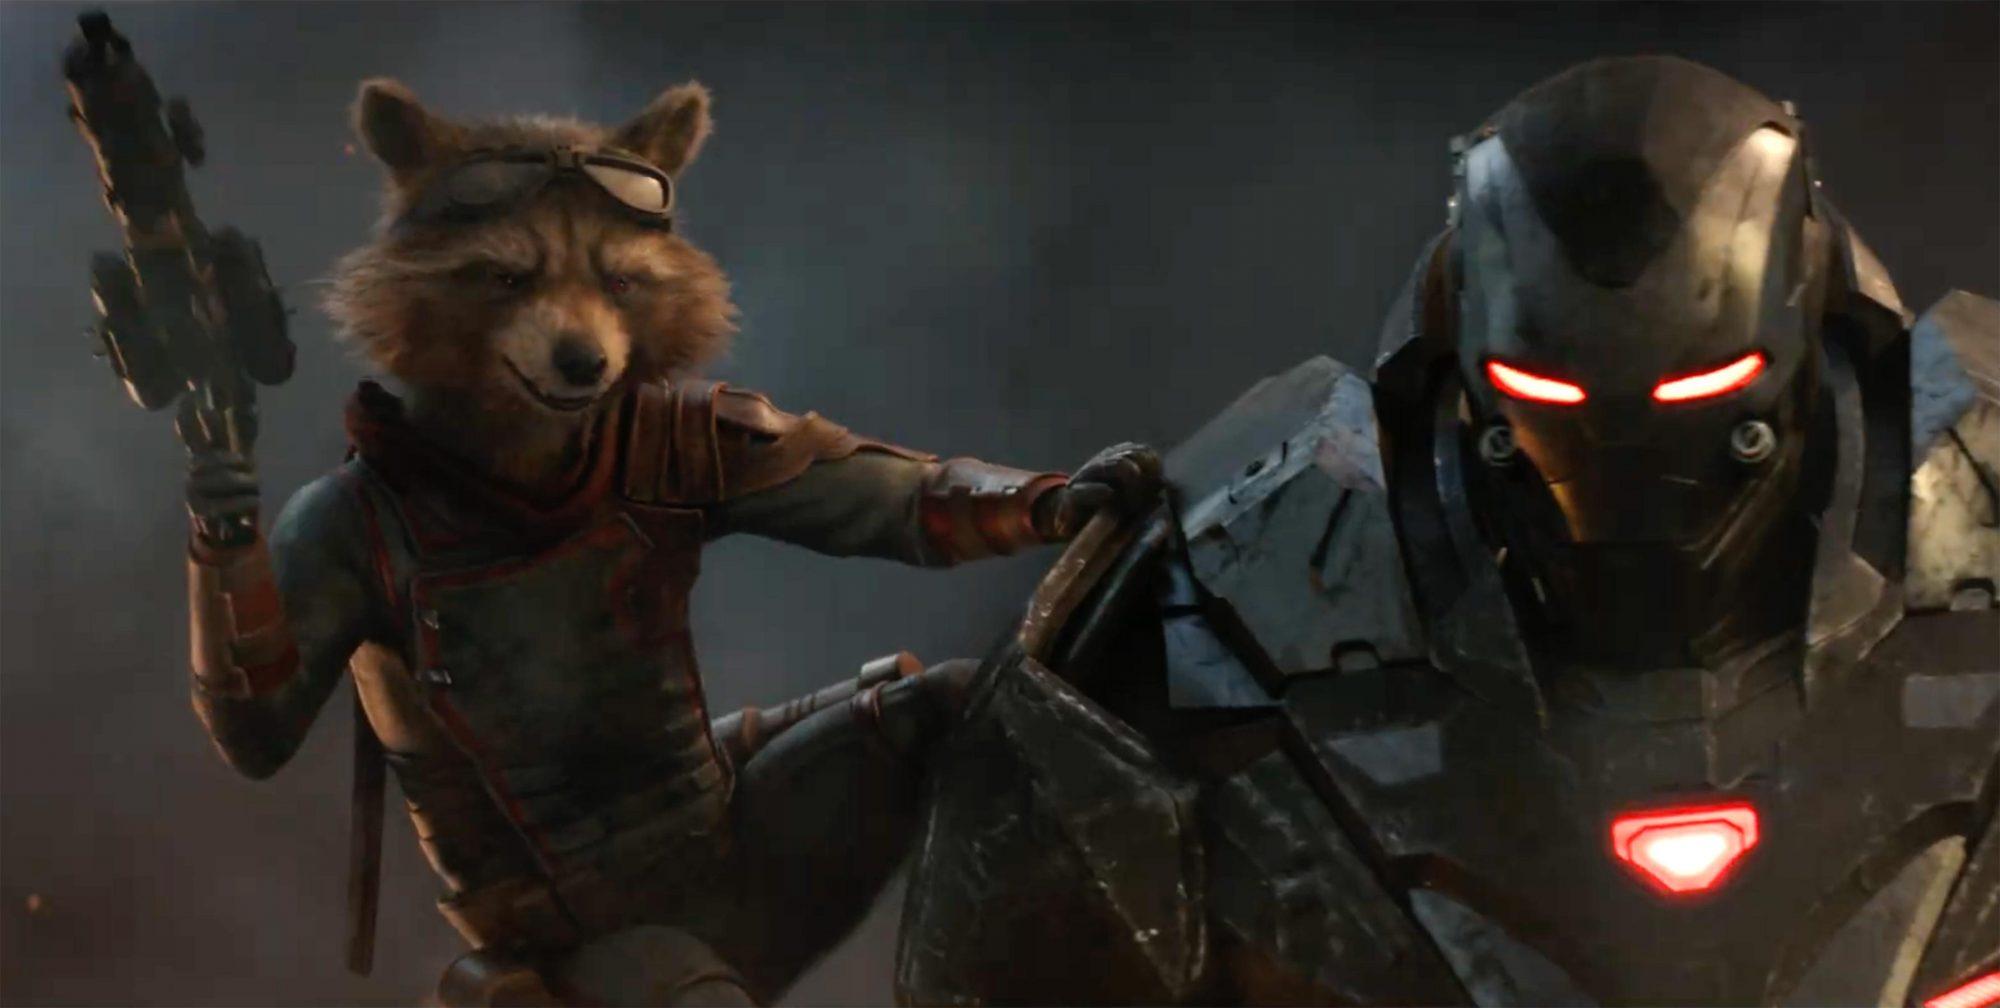 Avengers-Endgame-trailer-18